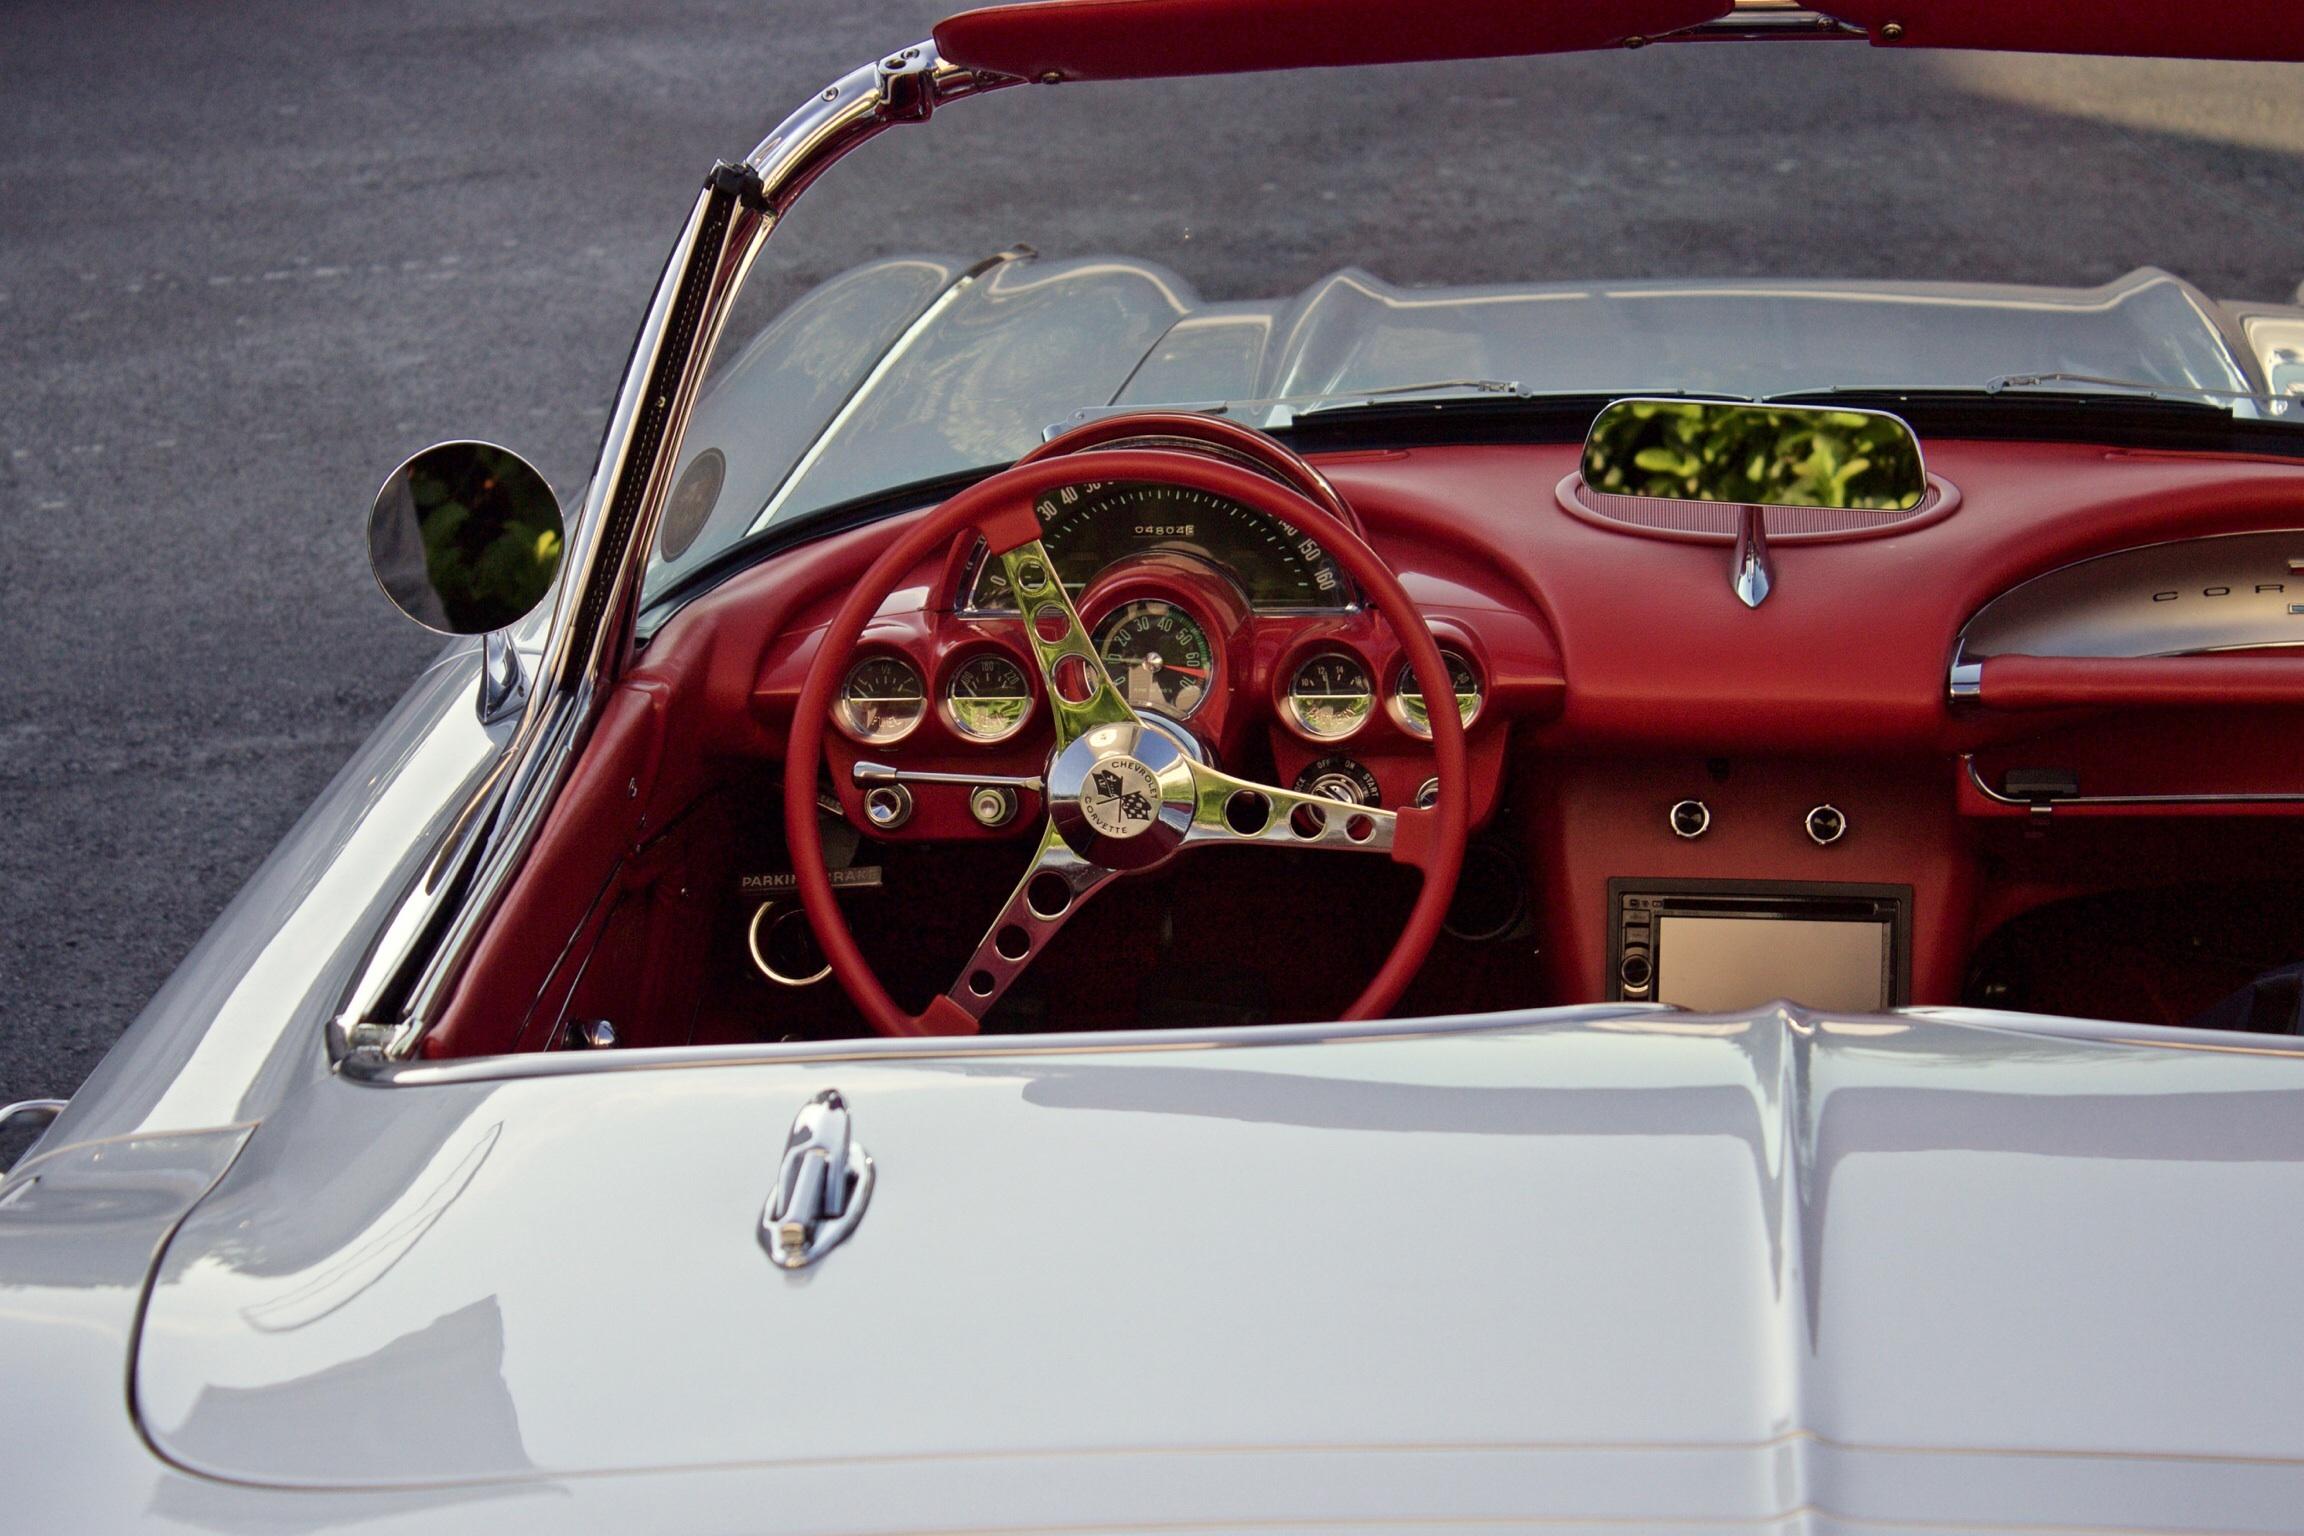 Corvette, Car, Chevrolet, Control, Interior, HQ Photo